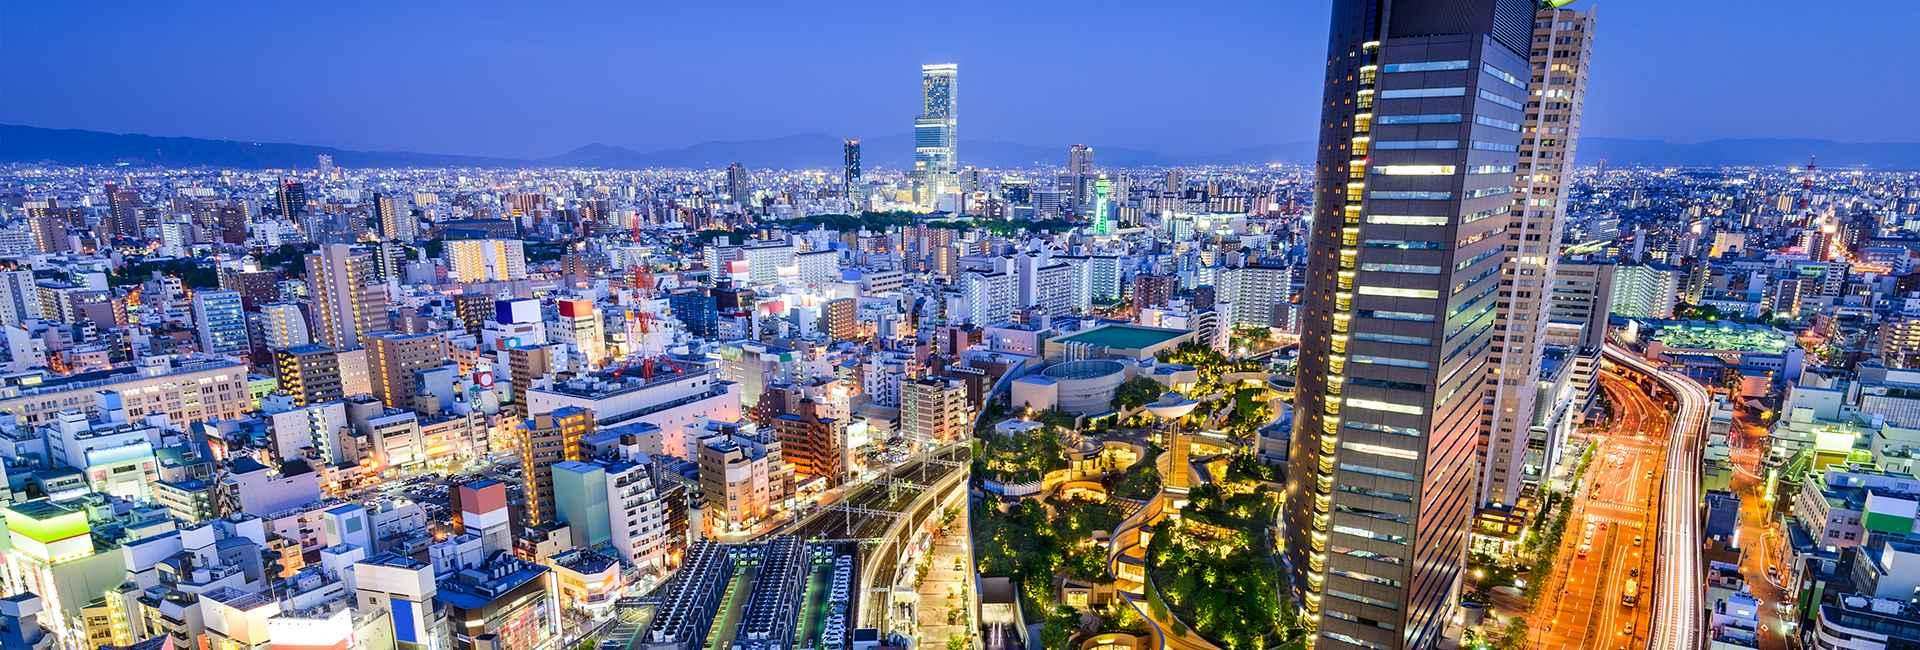 Vista notturna di Osaka